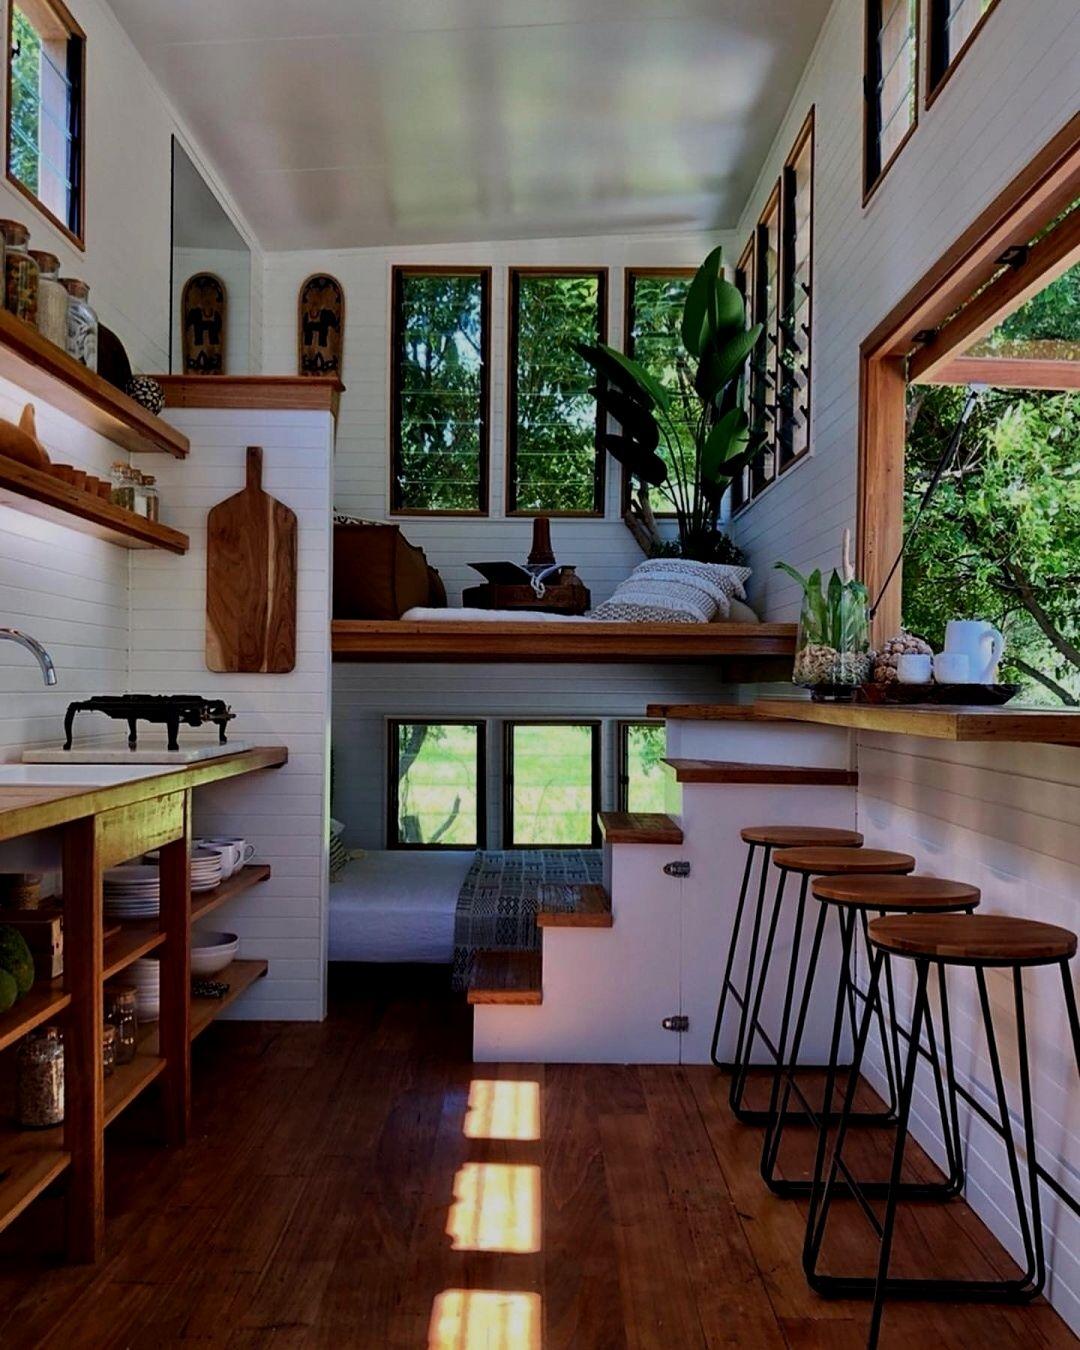 Home Design Ideas Australia: Banjo In Byron Bay, Australia By @geraldine_ Home _ Designs